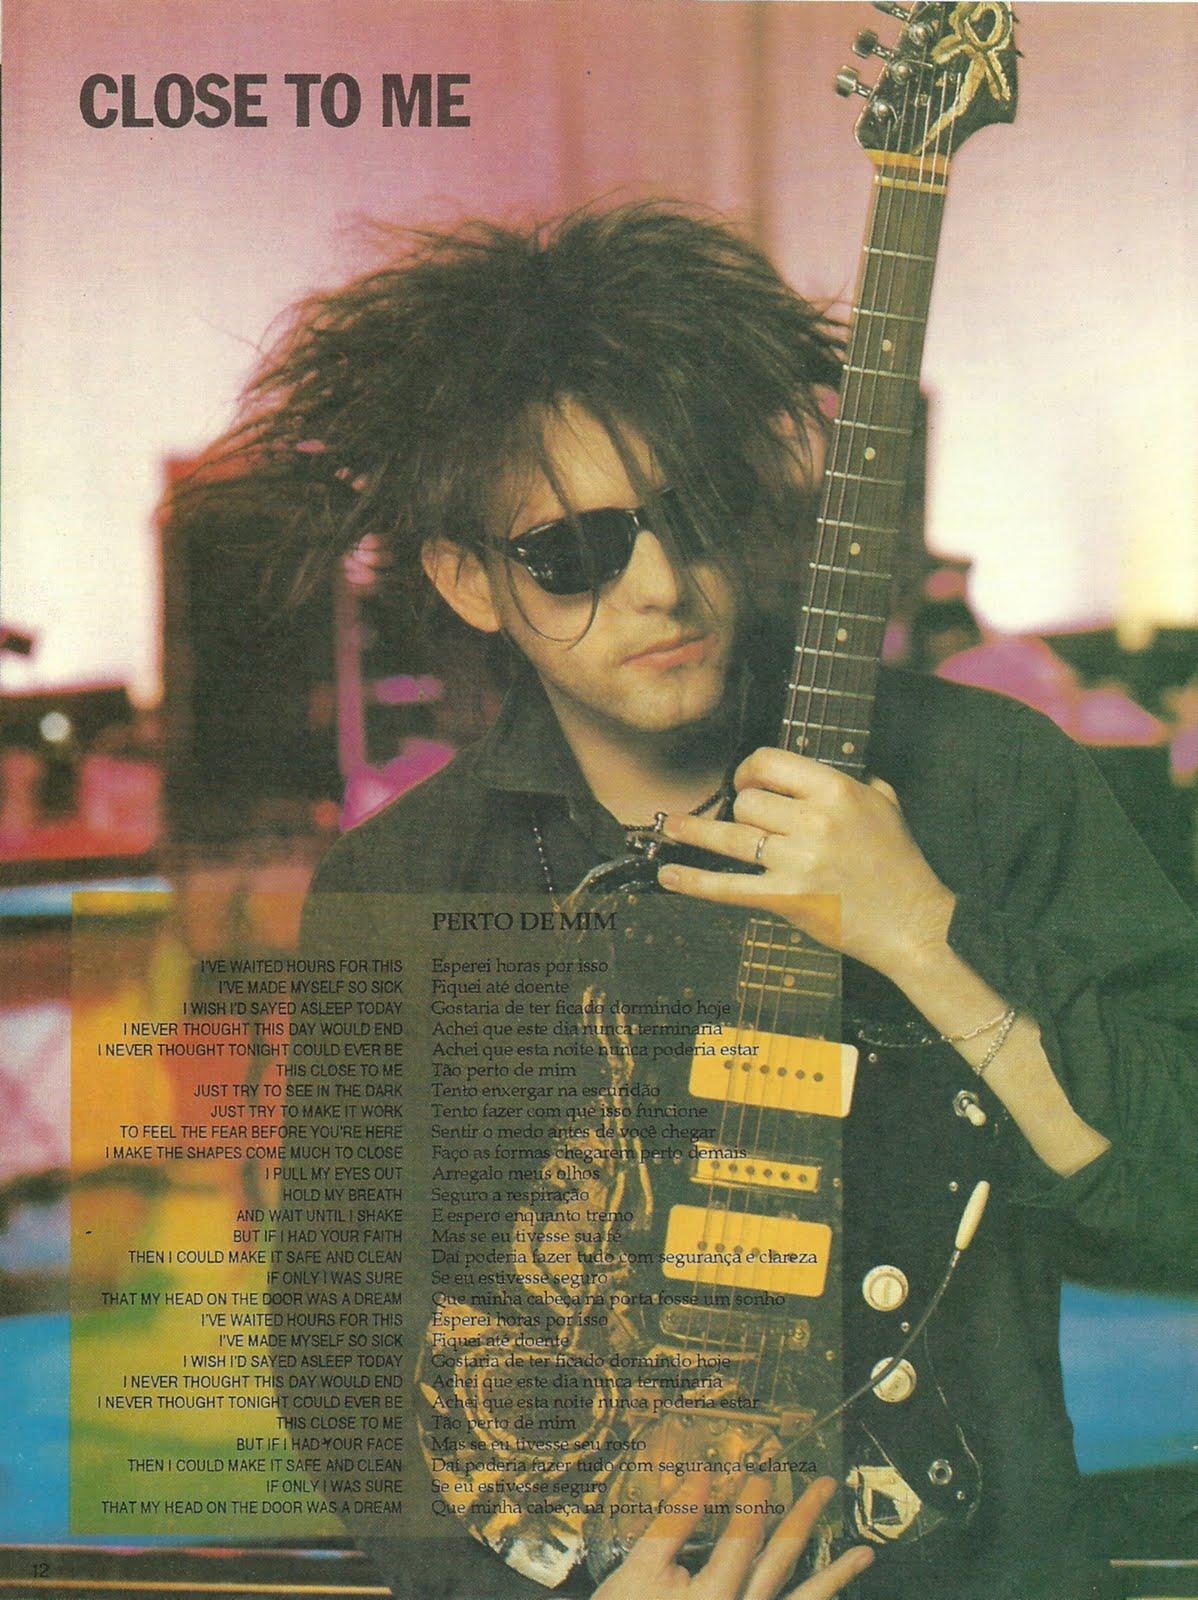 Pop Culture 80's Rock Bands - Bandas de Rock dos anos 80 e